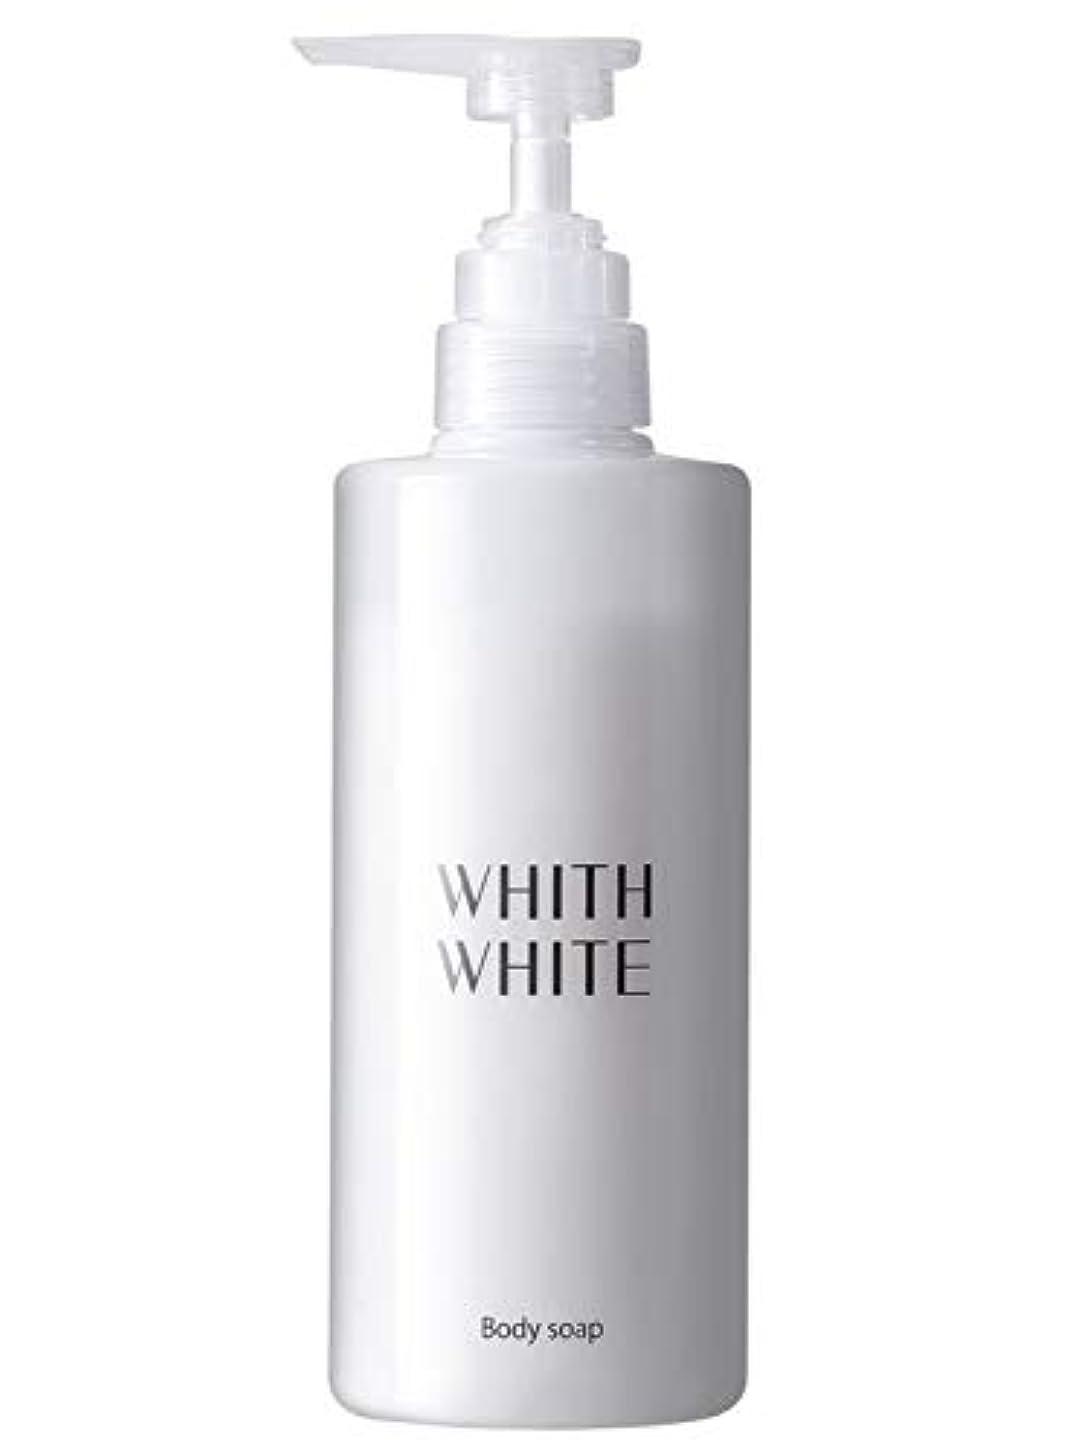 酸化物どういたしまして混雑フィス ホワイト 無添加 ボディソープ 【 エレガントフローラルのいい香り 】 保湿 ボディーソープ 「 泡で黒ずみ さっぱり ボディシャンプー 」「 ヒアルロン酸 コラーゲン セラミド 配合」450ml